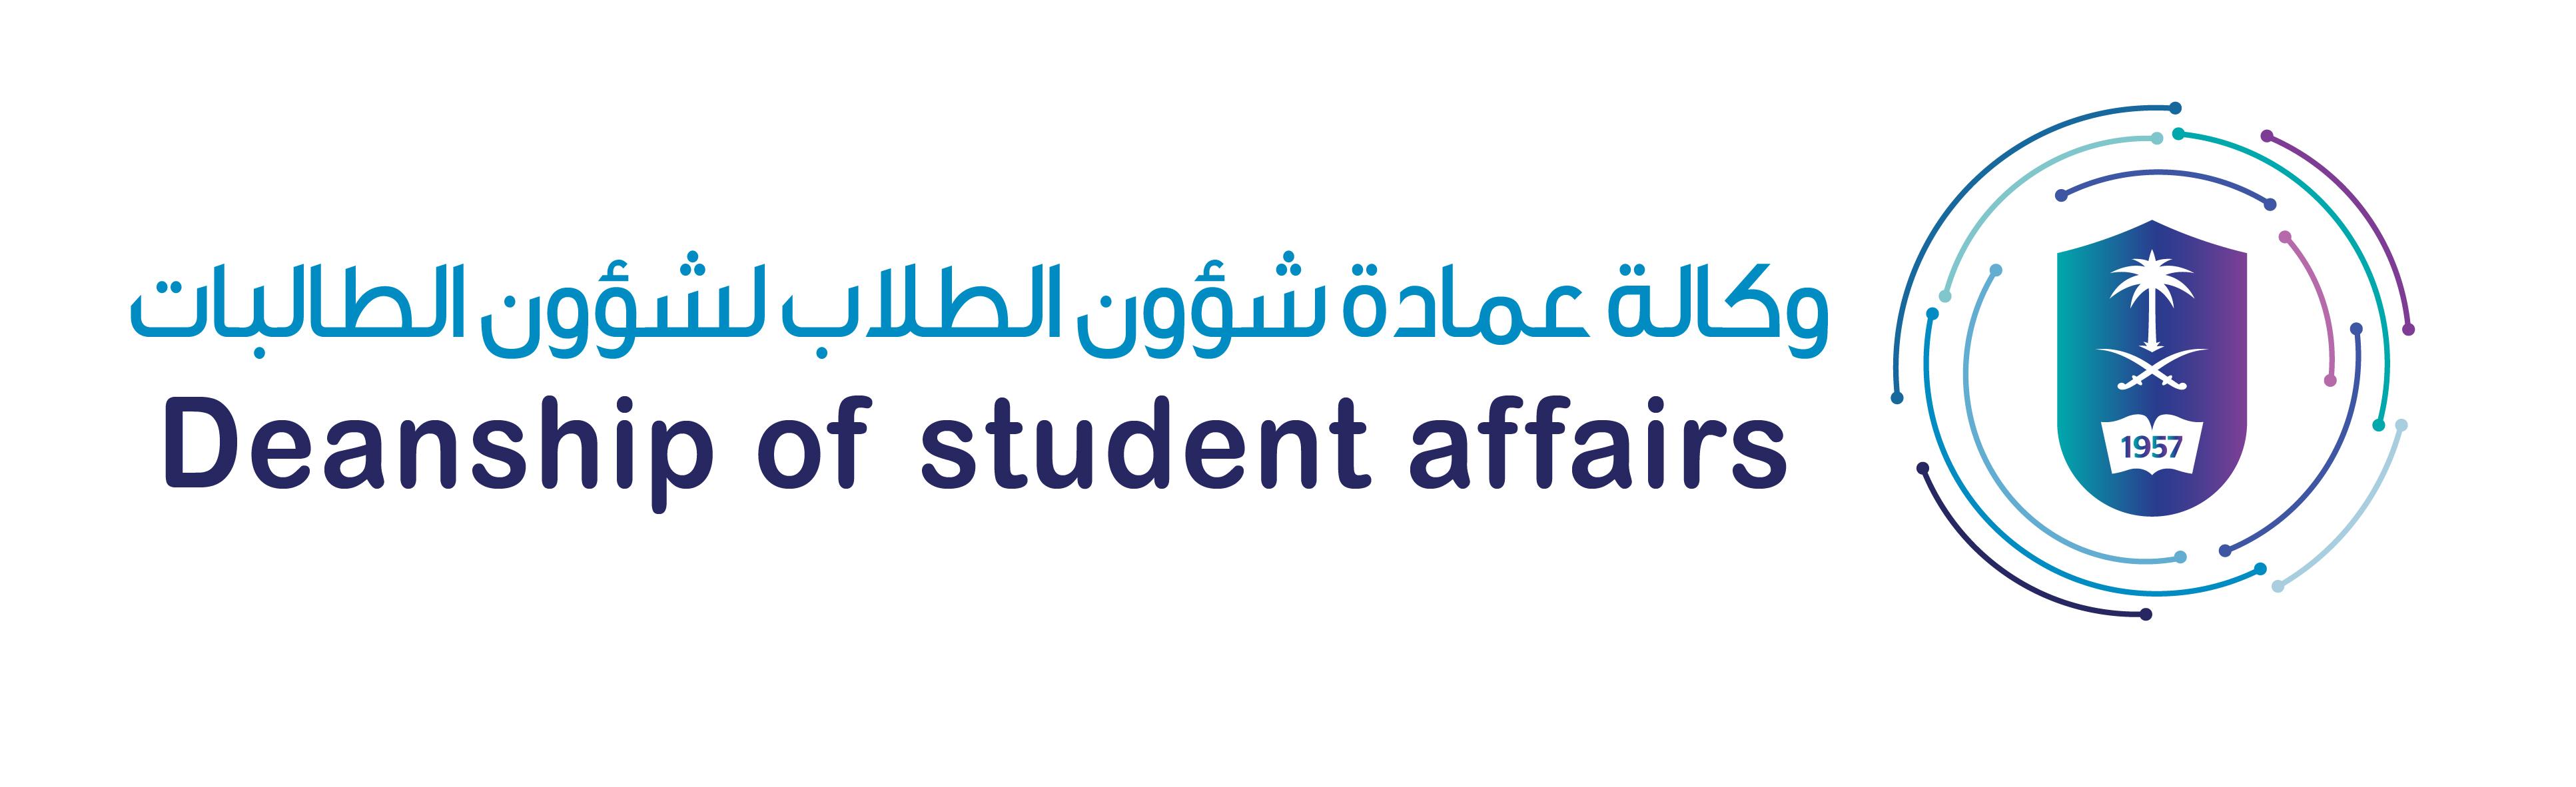 تنمية المهارات الطلابية... -